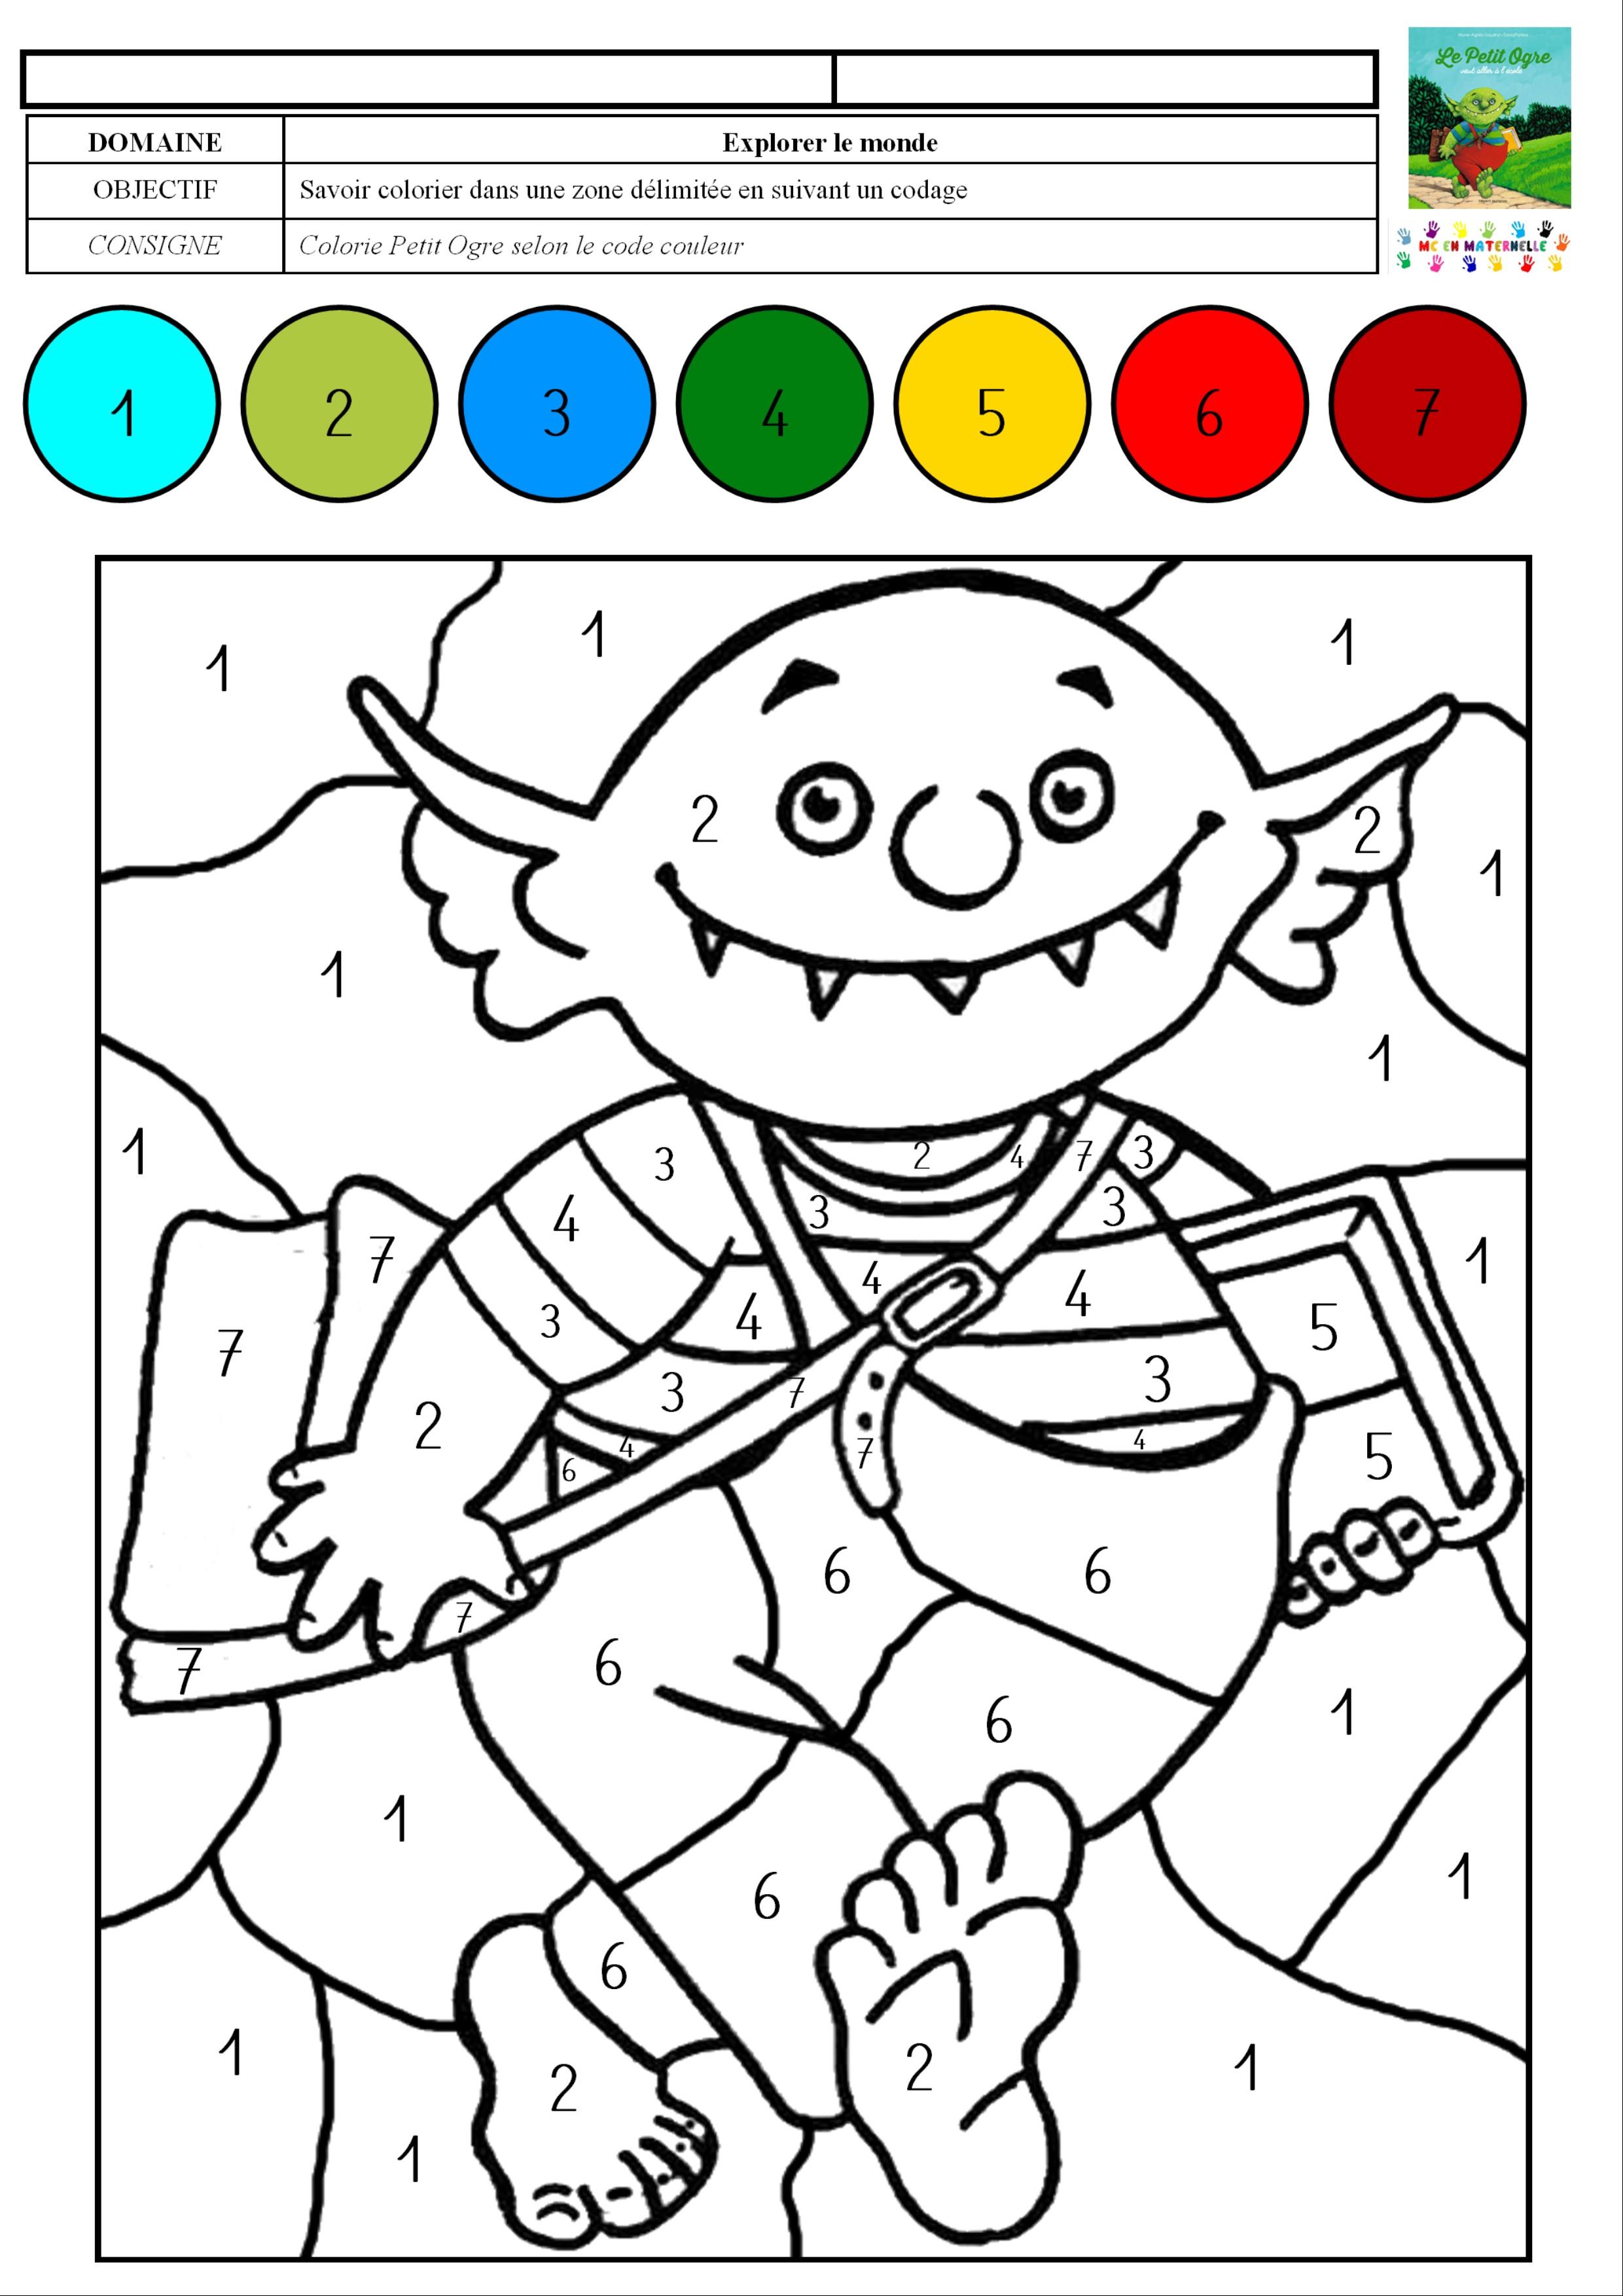 Le petit ogre veut aller l cole coloriage magique - Coloriage avec des chiffres ...